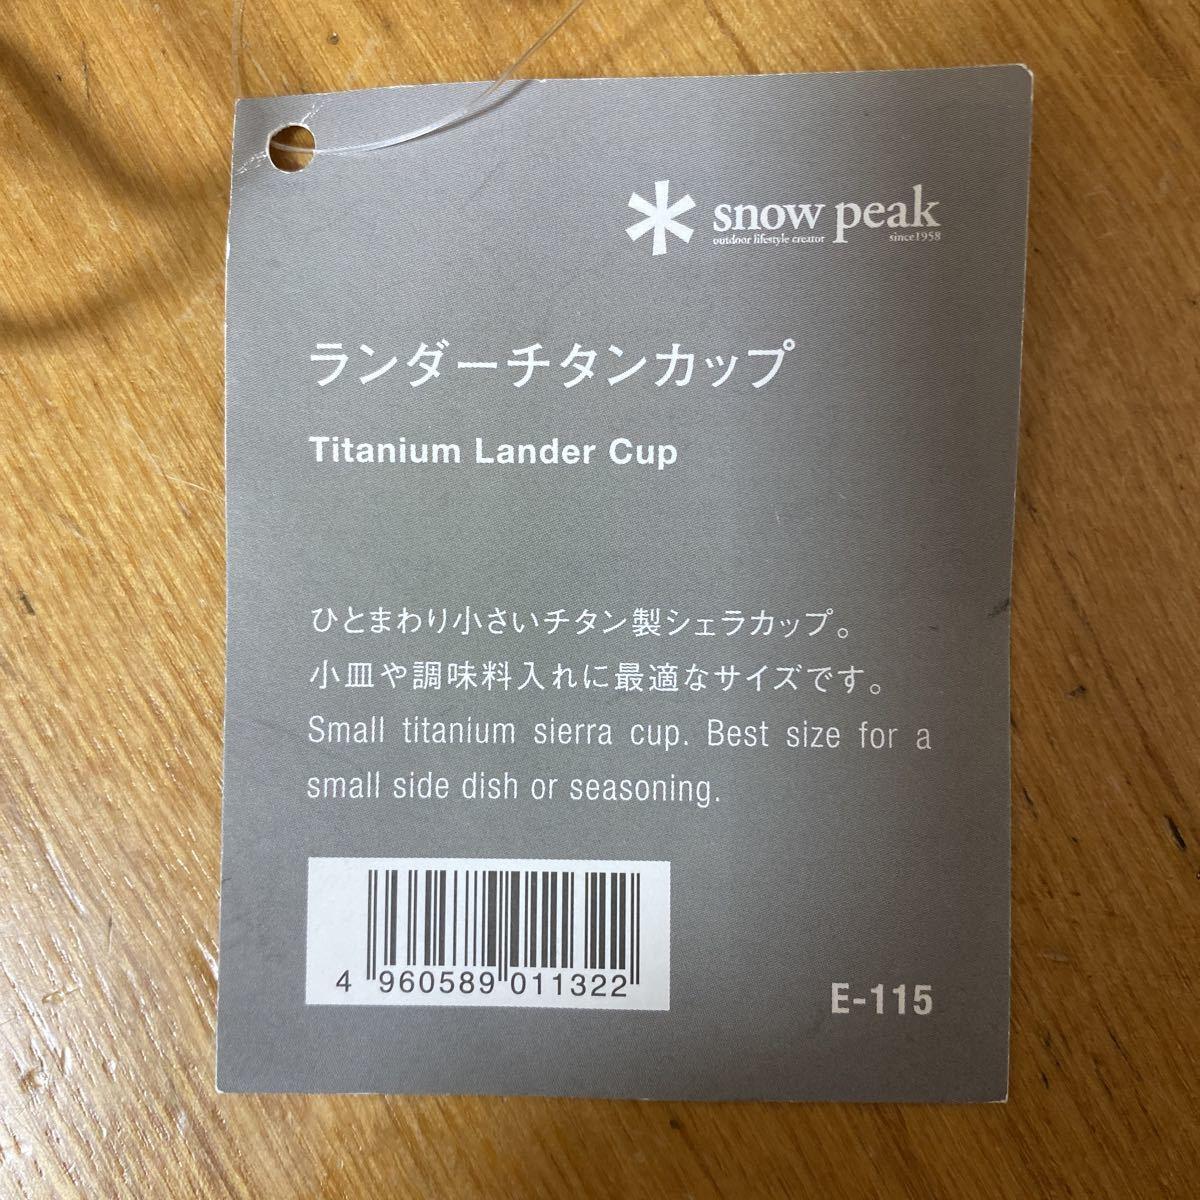 スノーピーク snow peak ランダーチタンカップ E-115 廃盤品 新品未使用品 希少 貴重 レア 送料無料